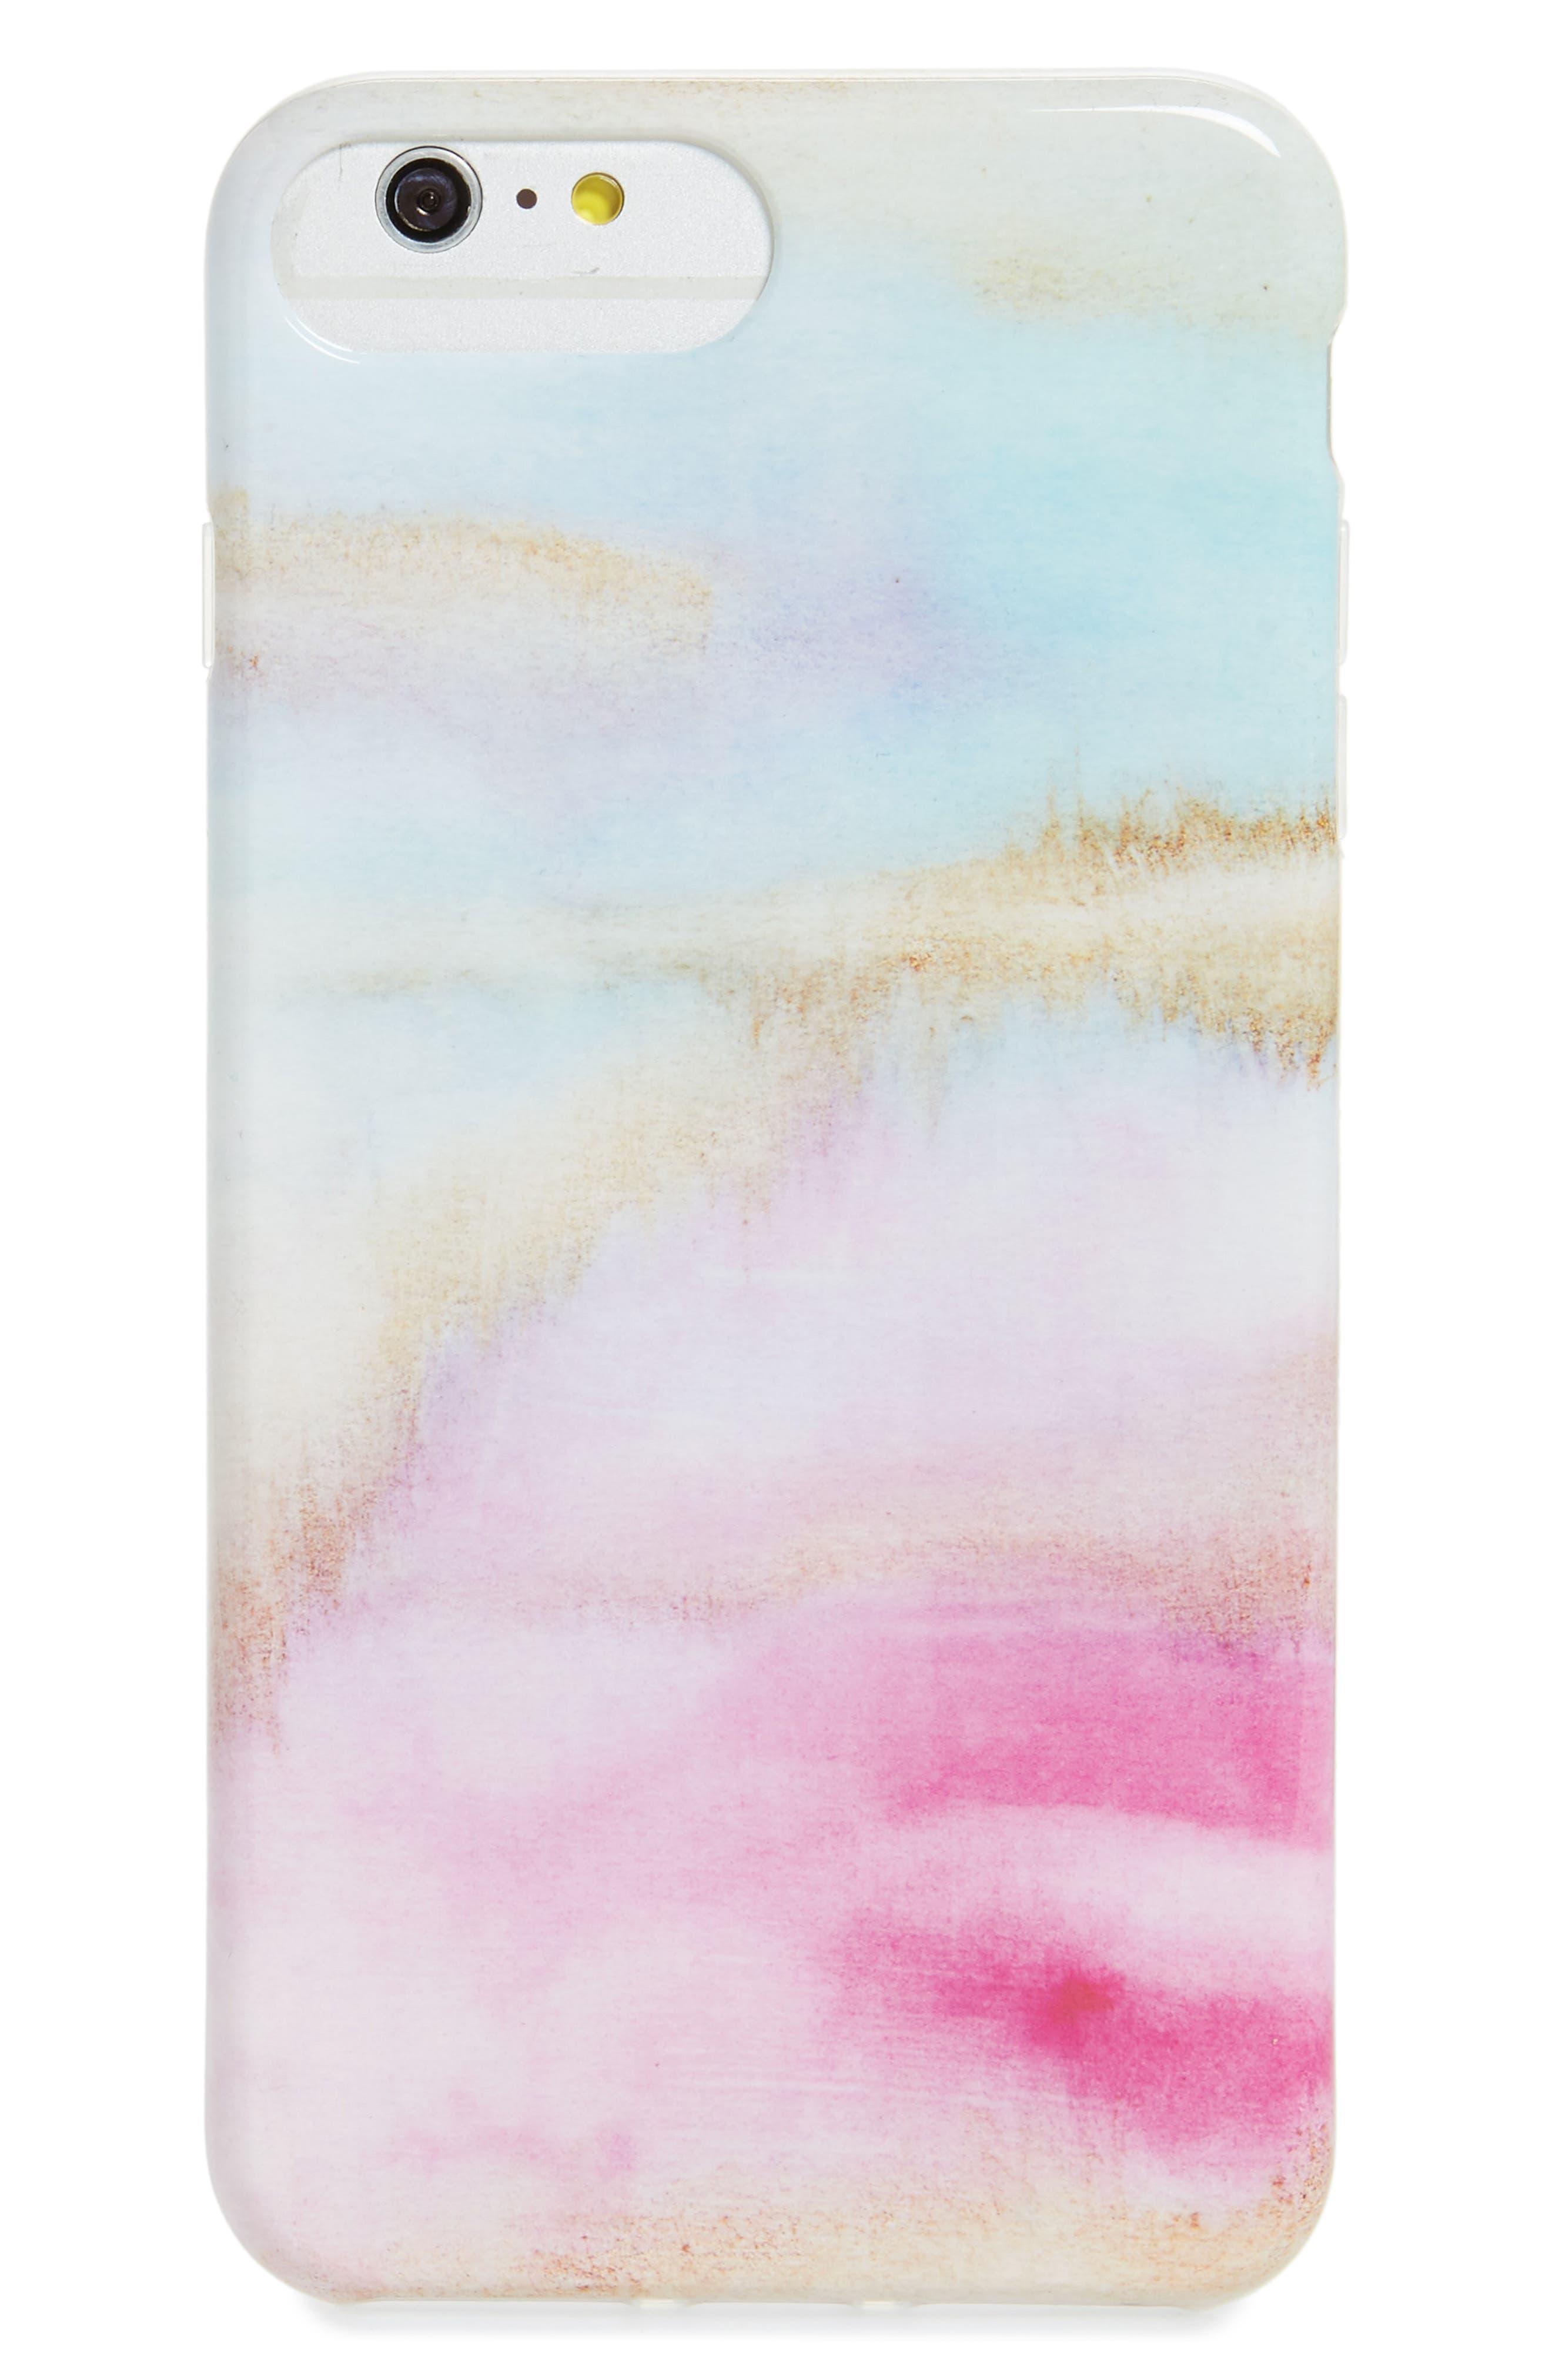 Watercolor iPhone 6/7/8 & 6/7/8 Plus Case,                             Main thumbnail 1, color,                             PASTEL MULTI